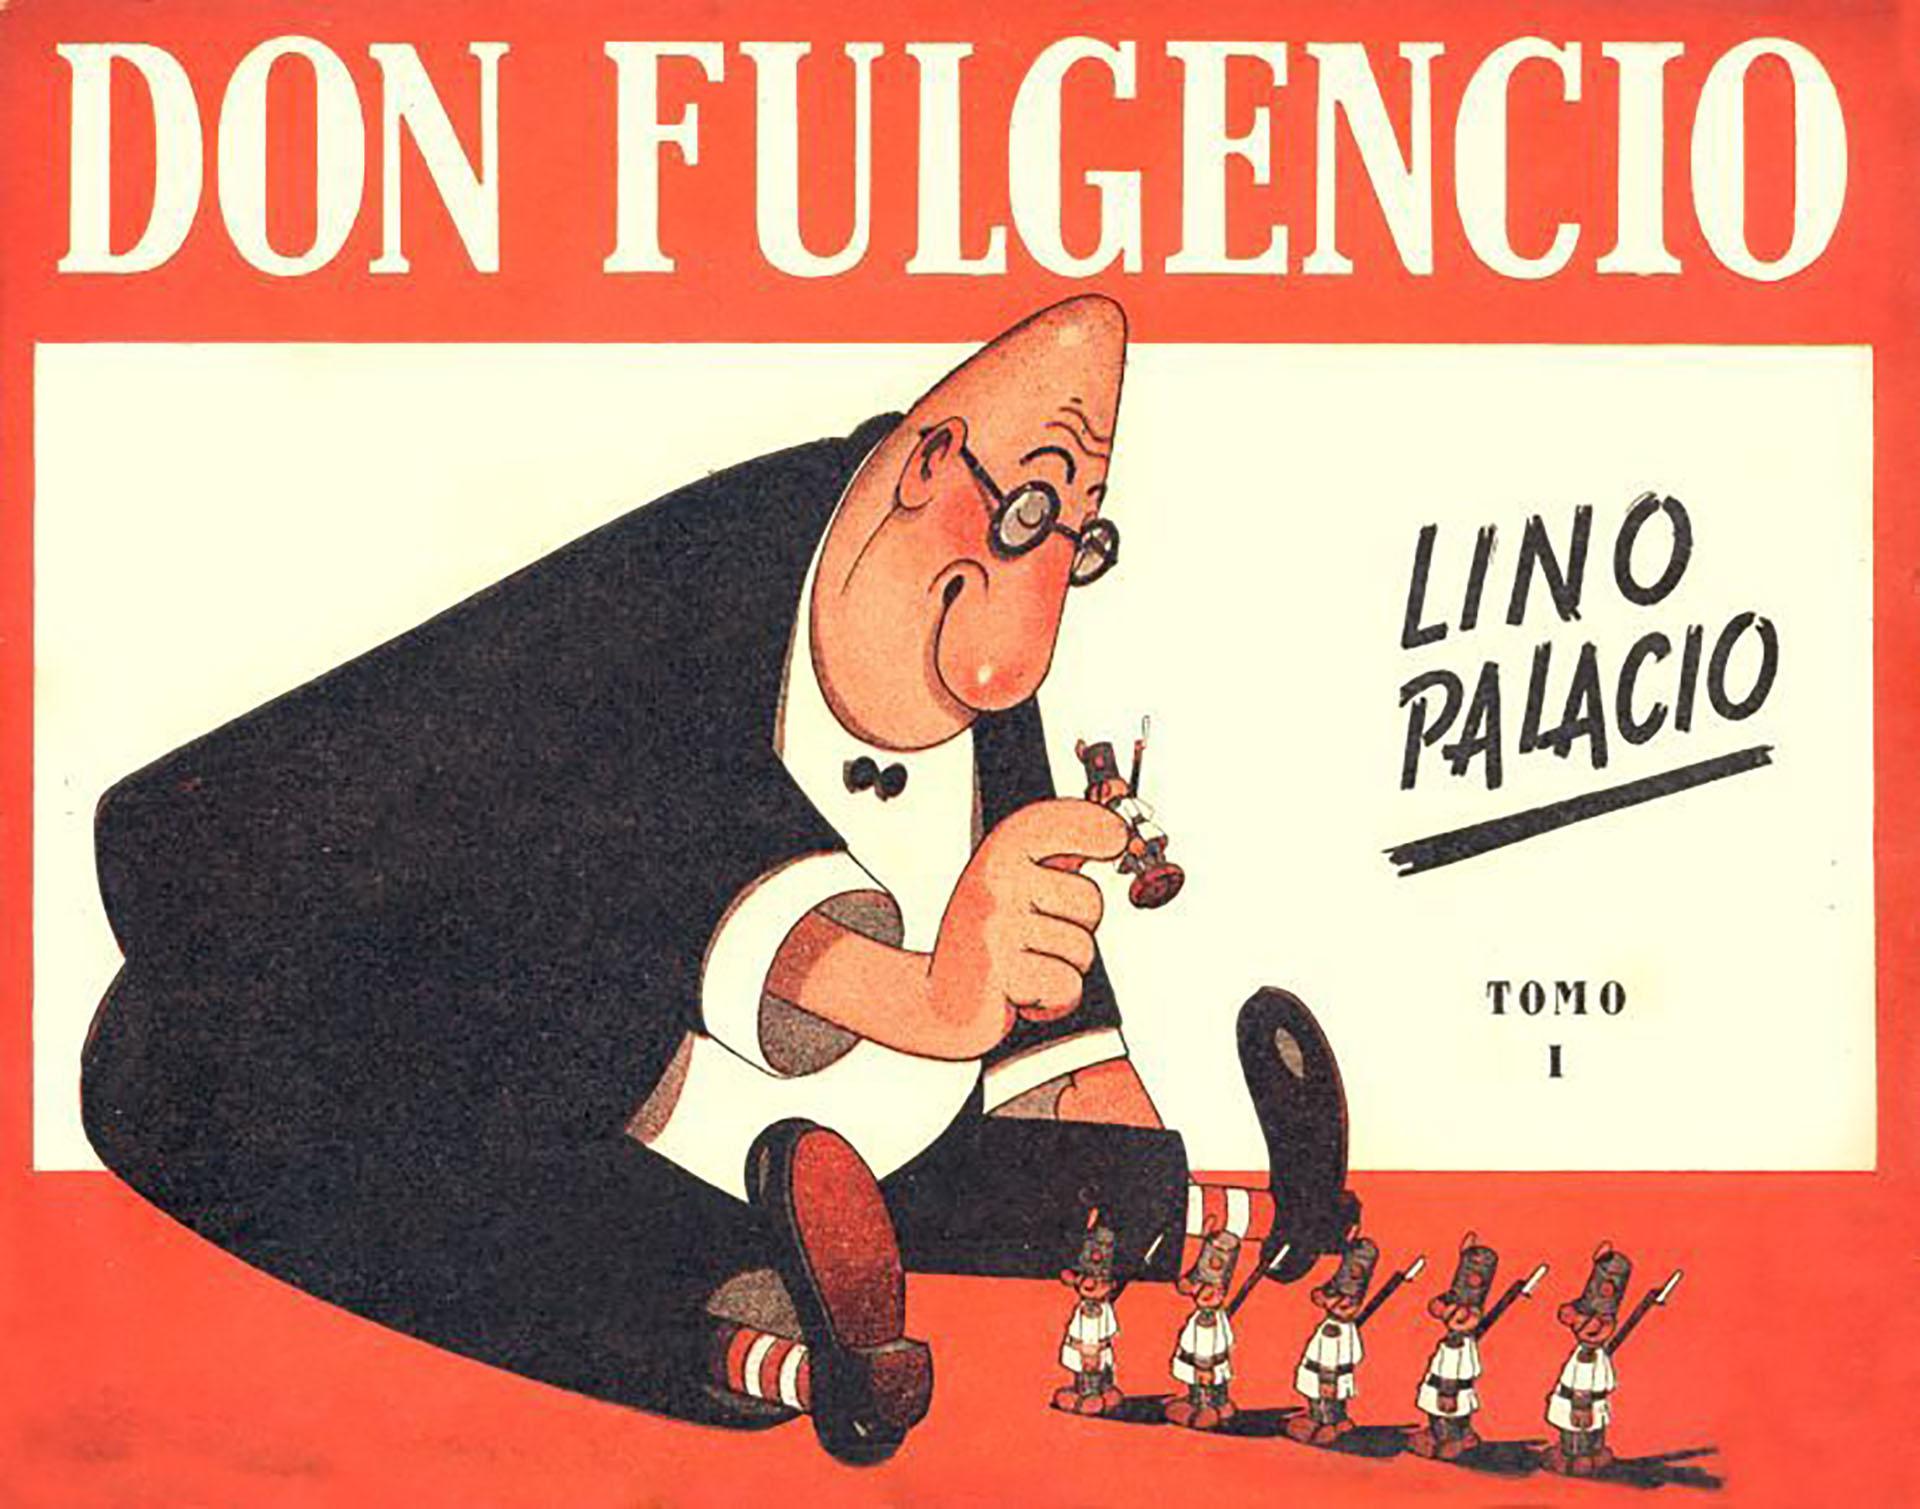 Una joven asesina, traición, drogas y una matanza inesperada: a 35 años del  aberrante crimen del dibujante Lino Palacio - Infobae